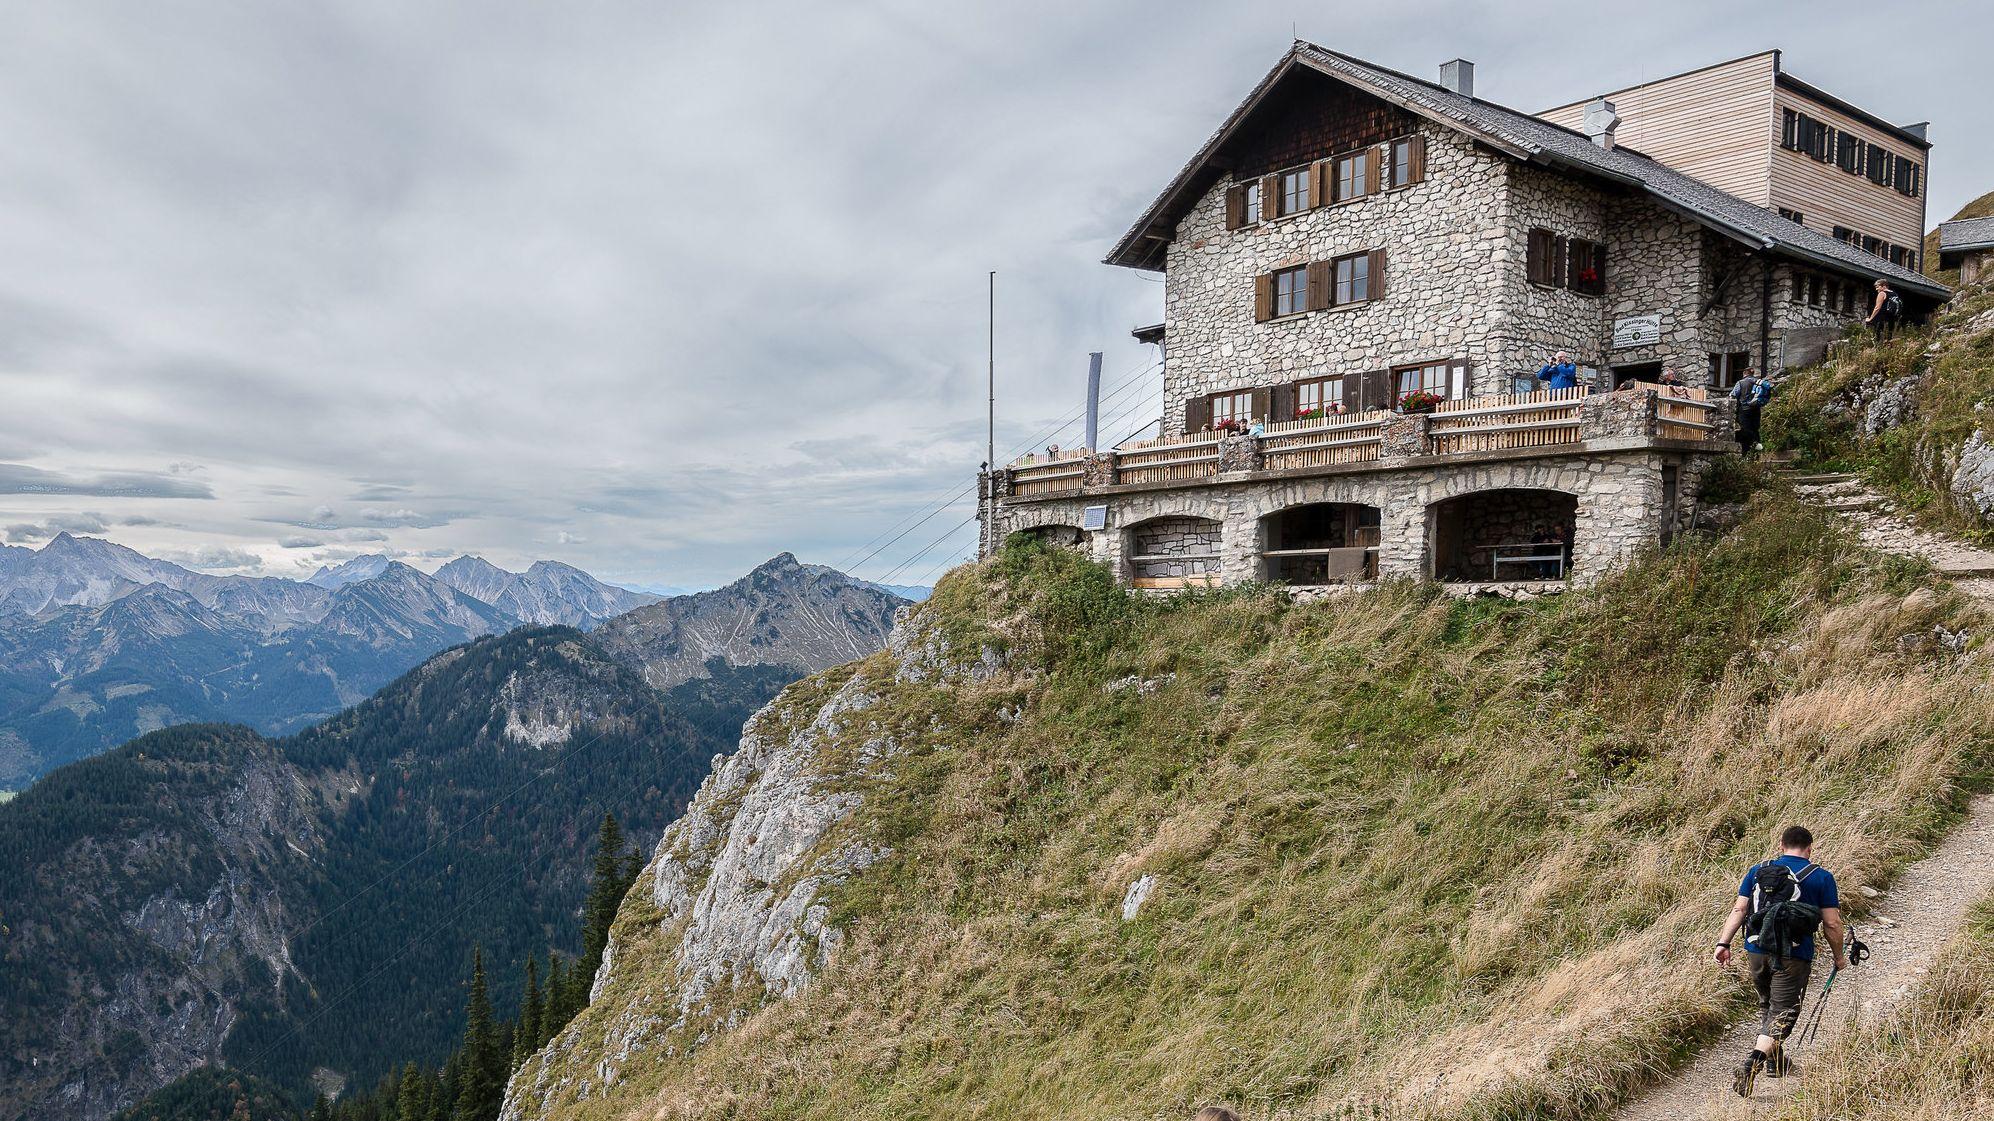 Bad Kissinger Hütte des DAV, Pfronten.